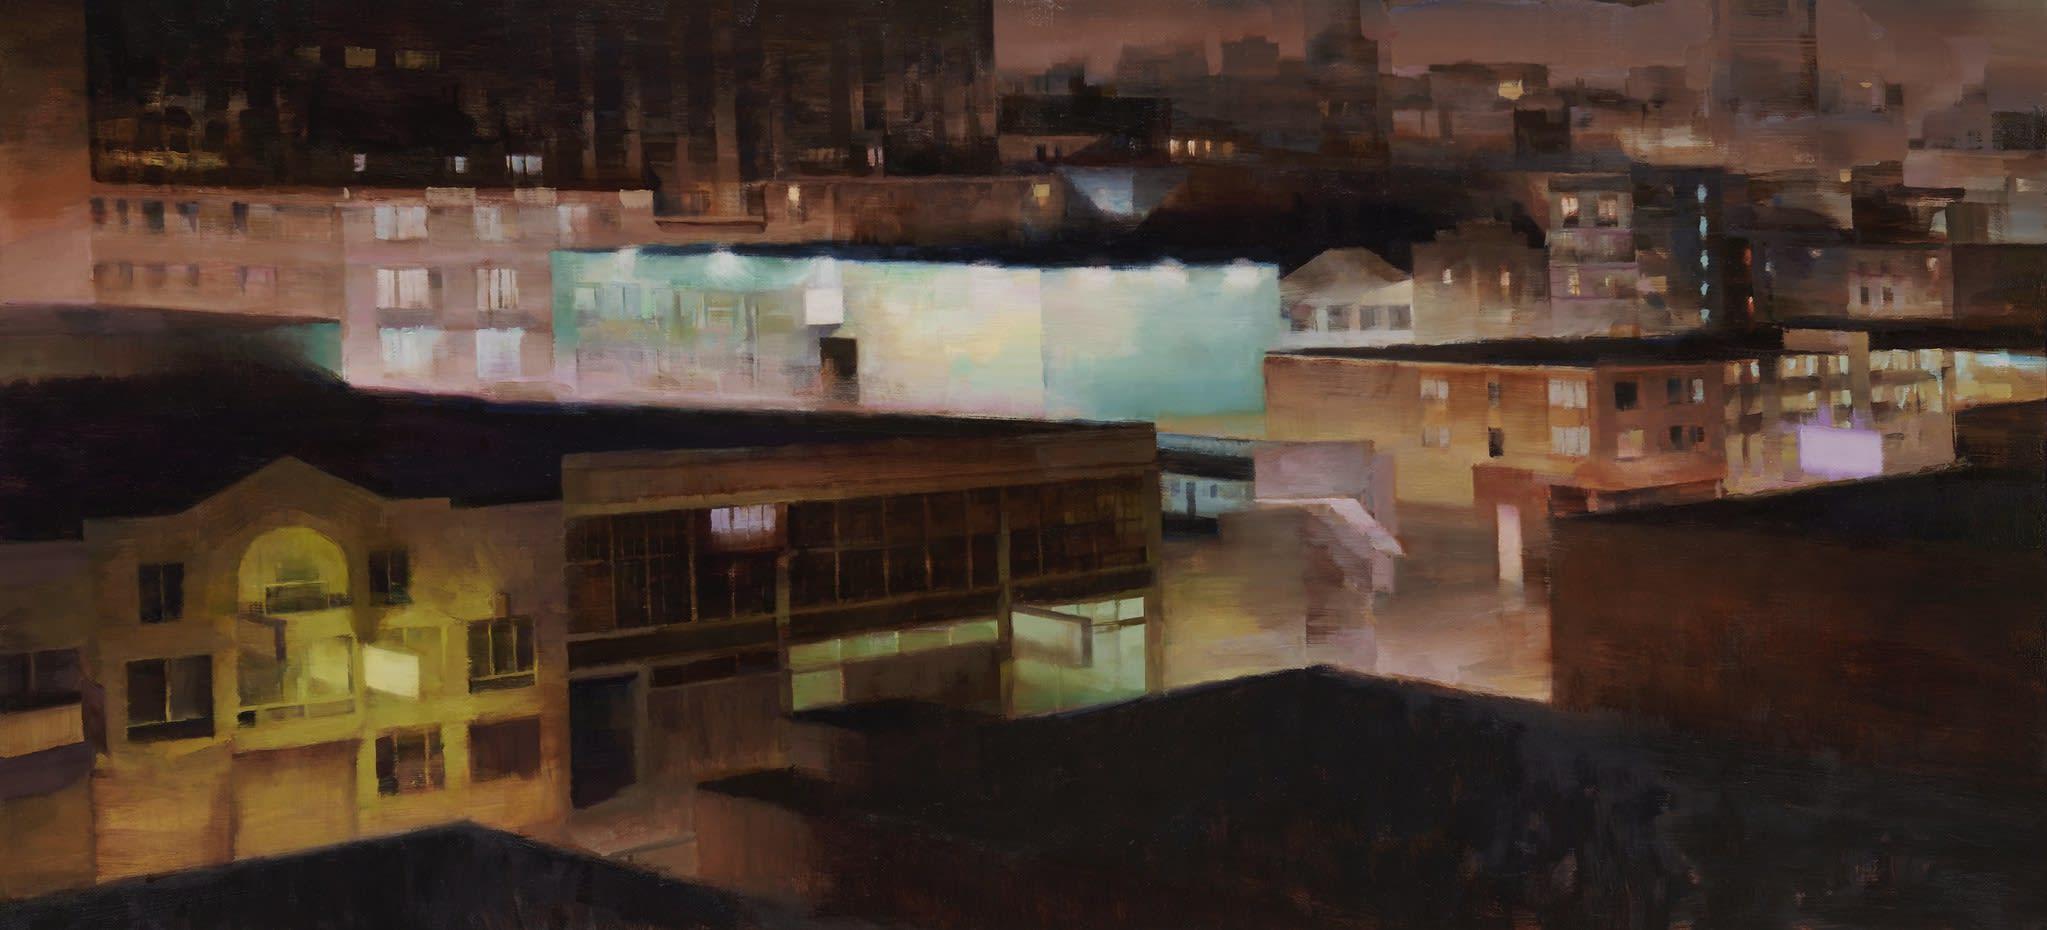 detail shot of Kim Cogan's artwork